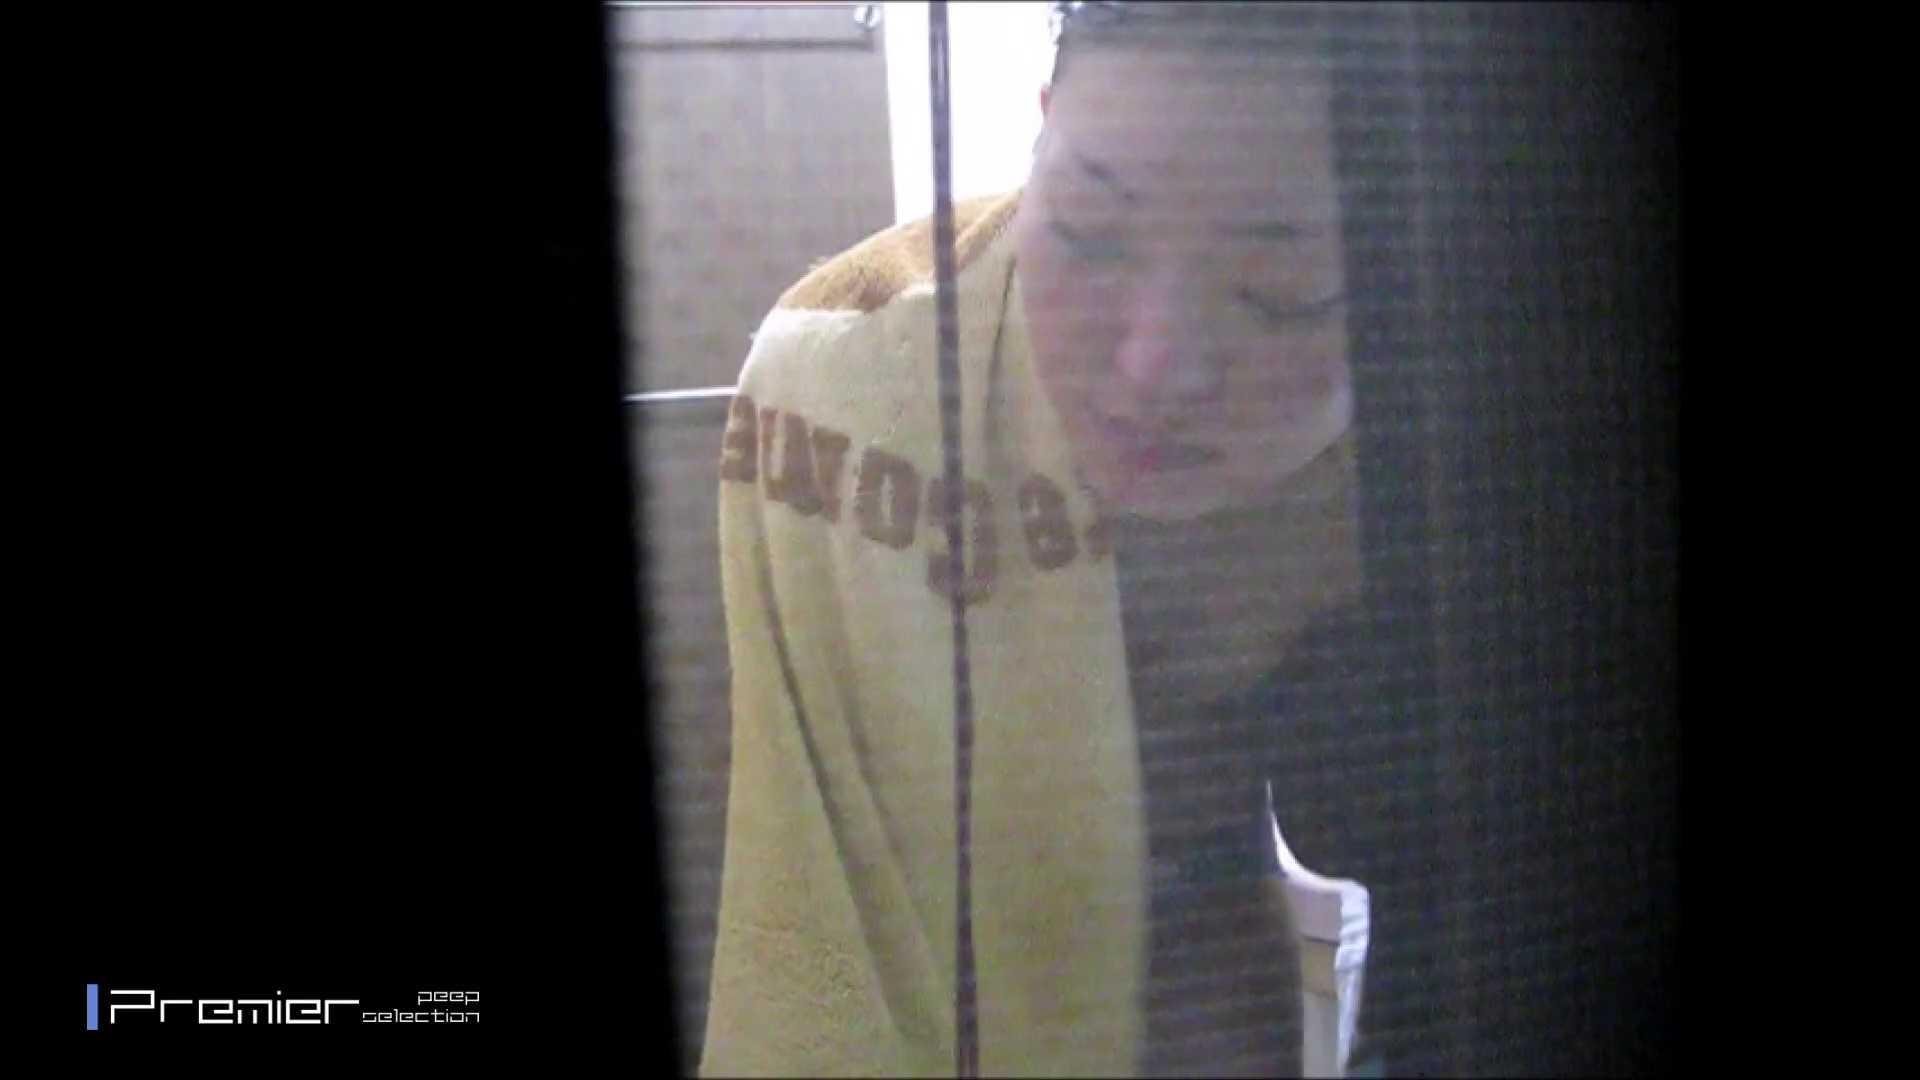 スレンダー美女の桃色乳首 乙女の風呂場 Vol.09 盗撮  96PIX 7